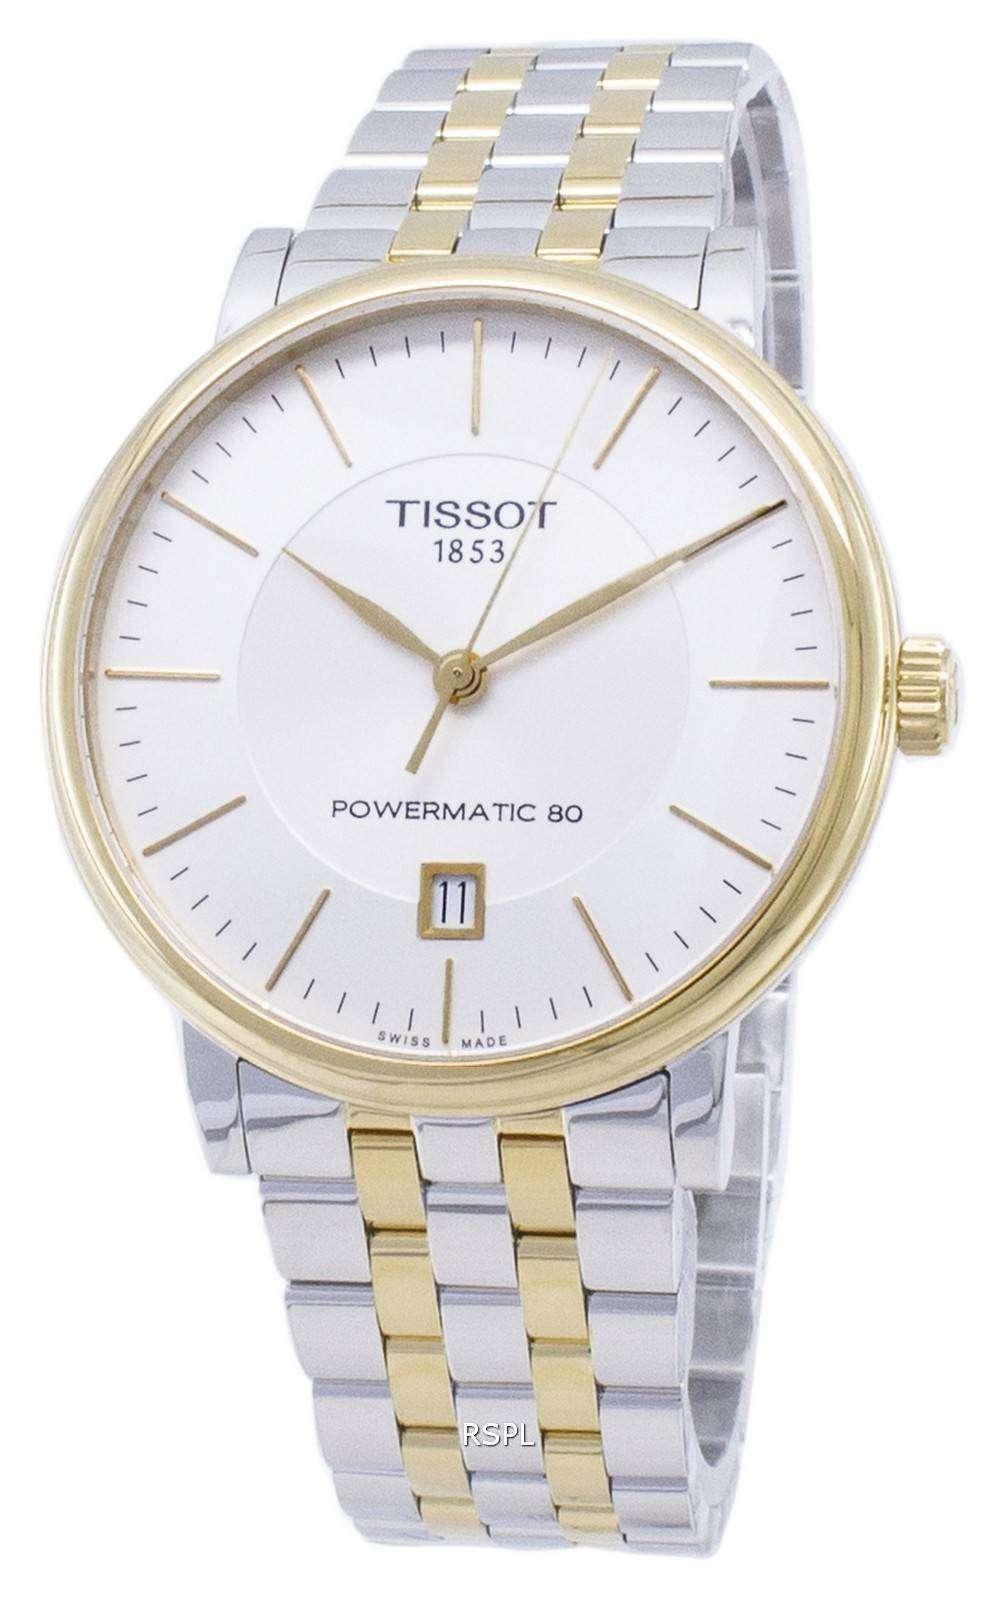 ティソ T-クラシックカーソン T 122.407.22.031.00 T1224072203100 Powermatic 80 メンズ腕時計